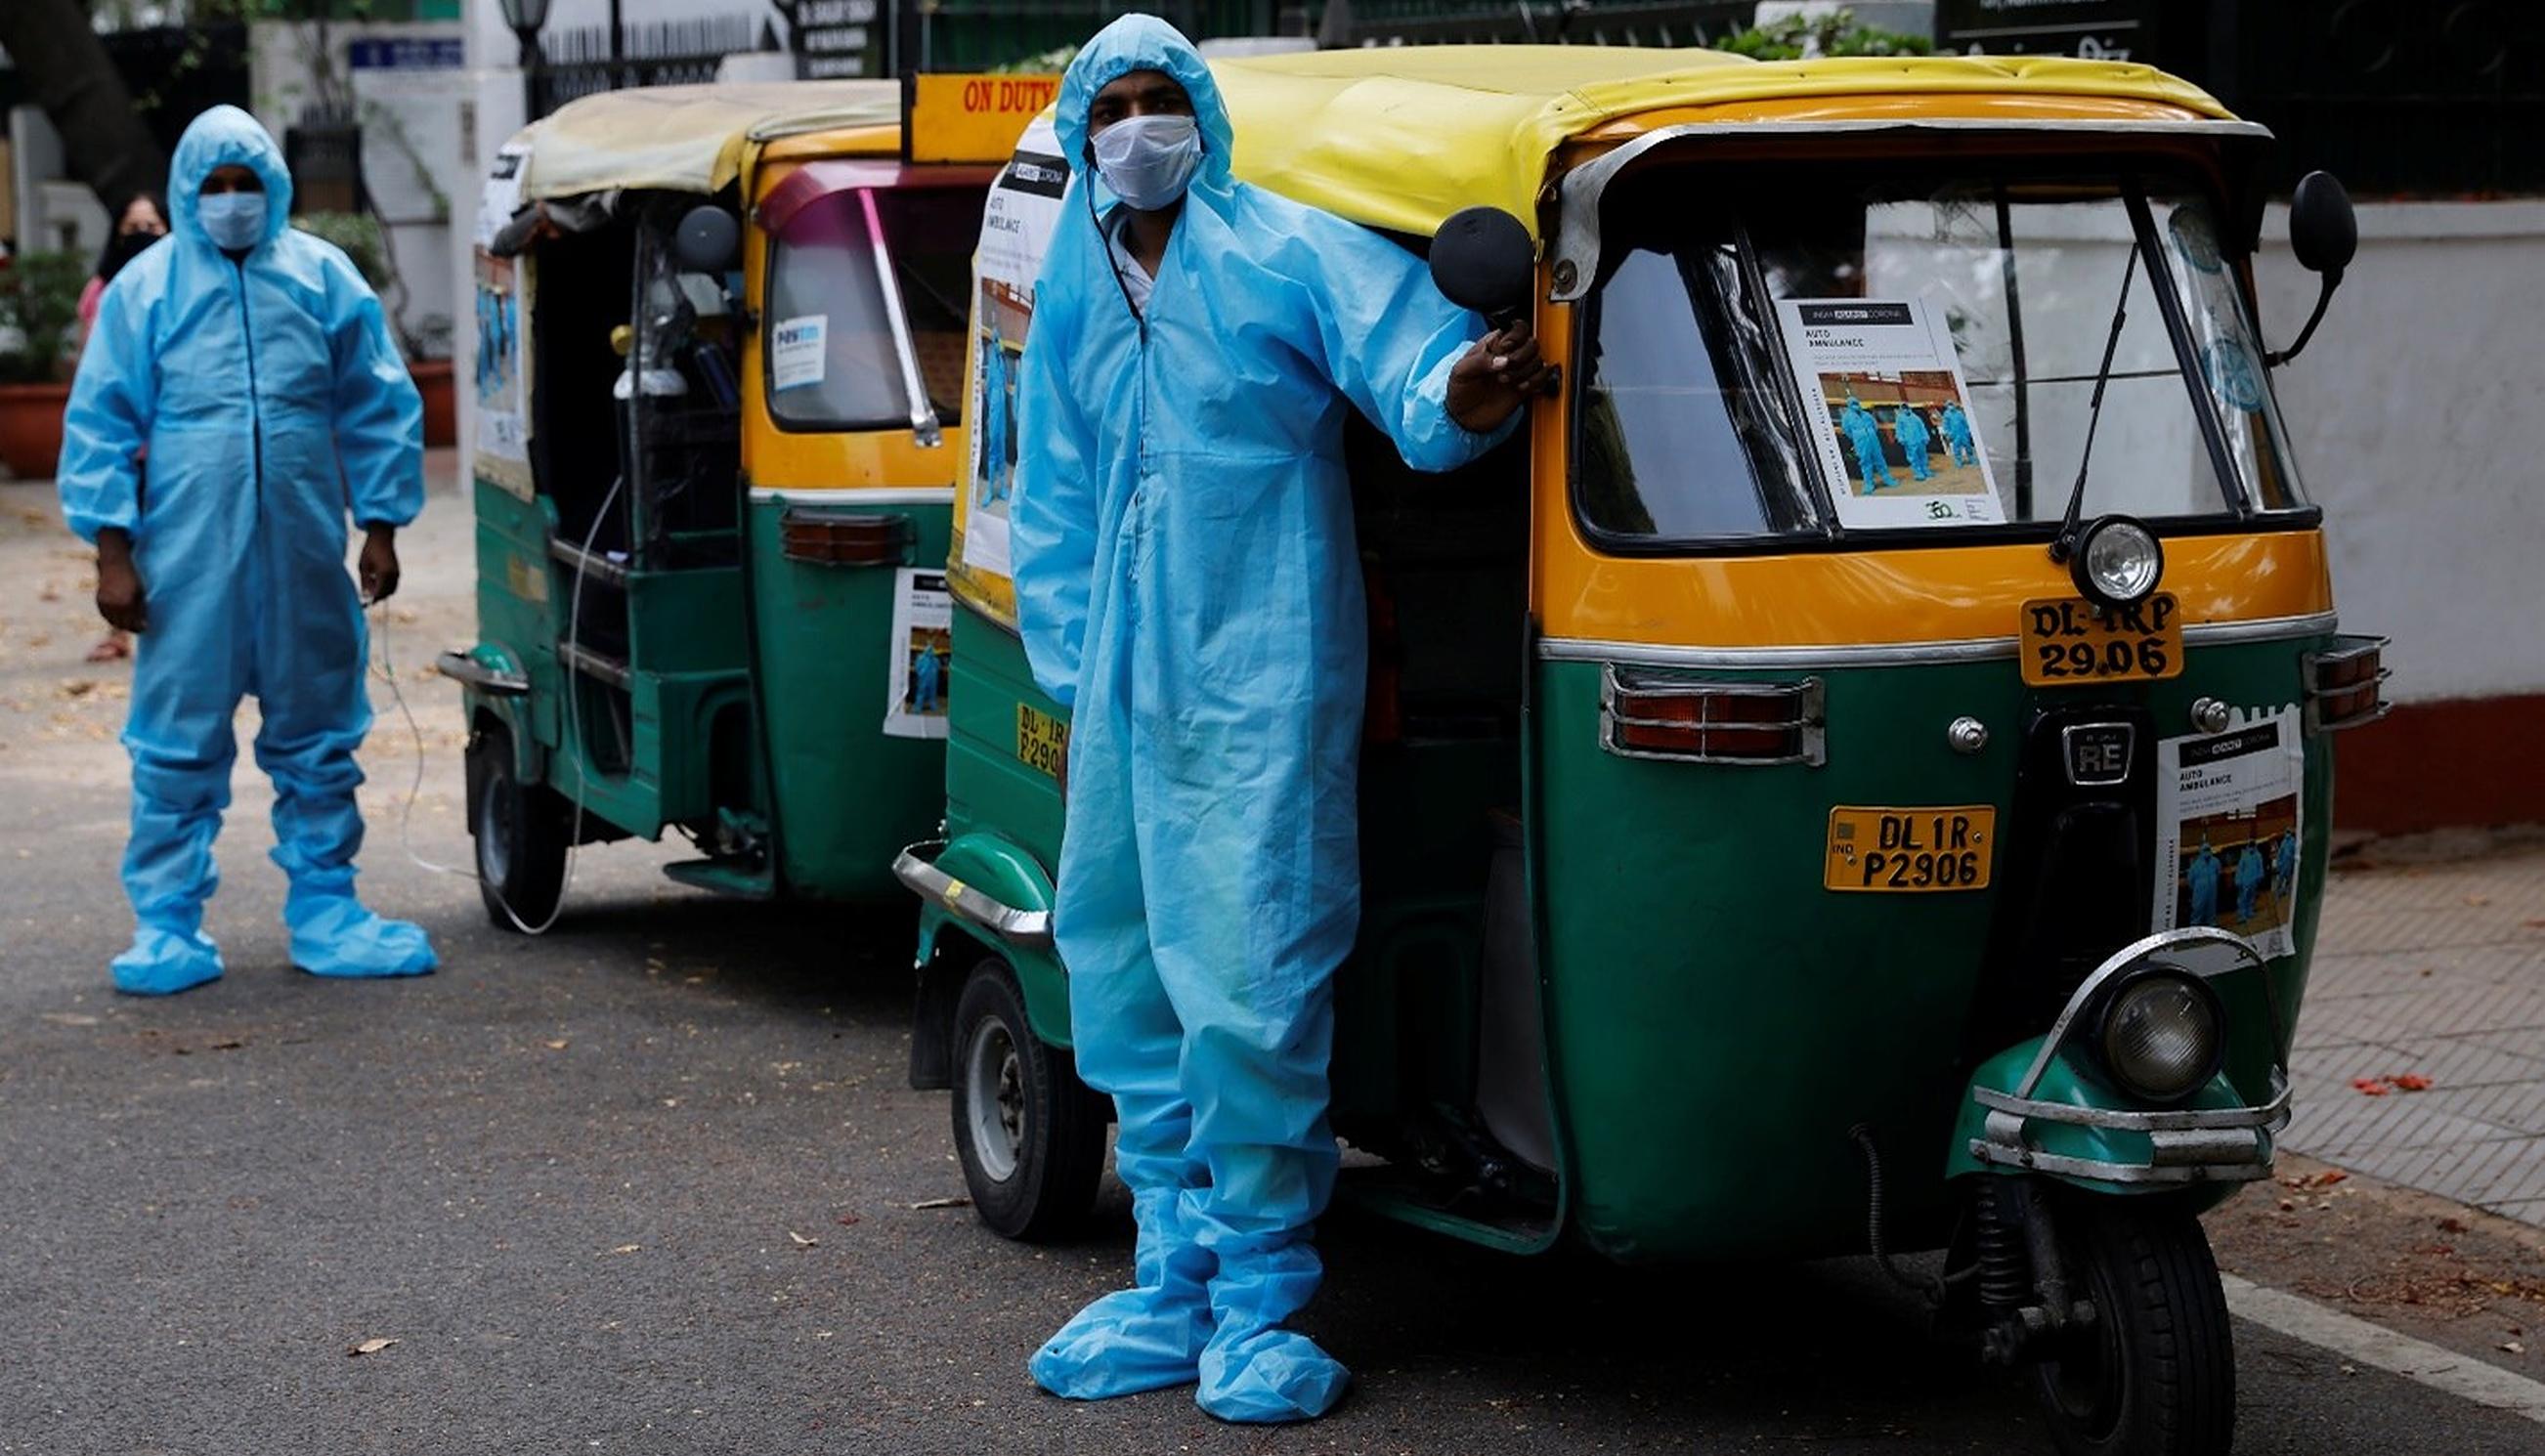 Din lipsă de ambulanțe, indienii transportă bolnavii Covid cu celebrele ricșe